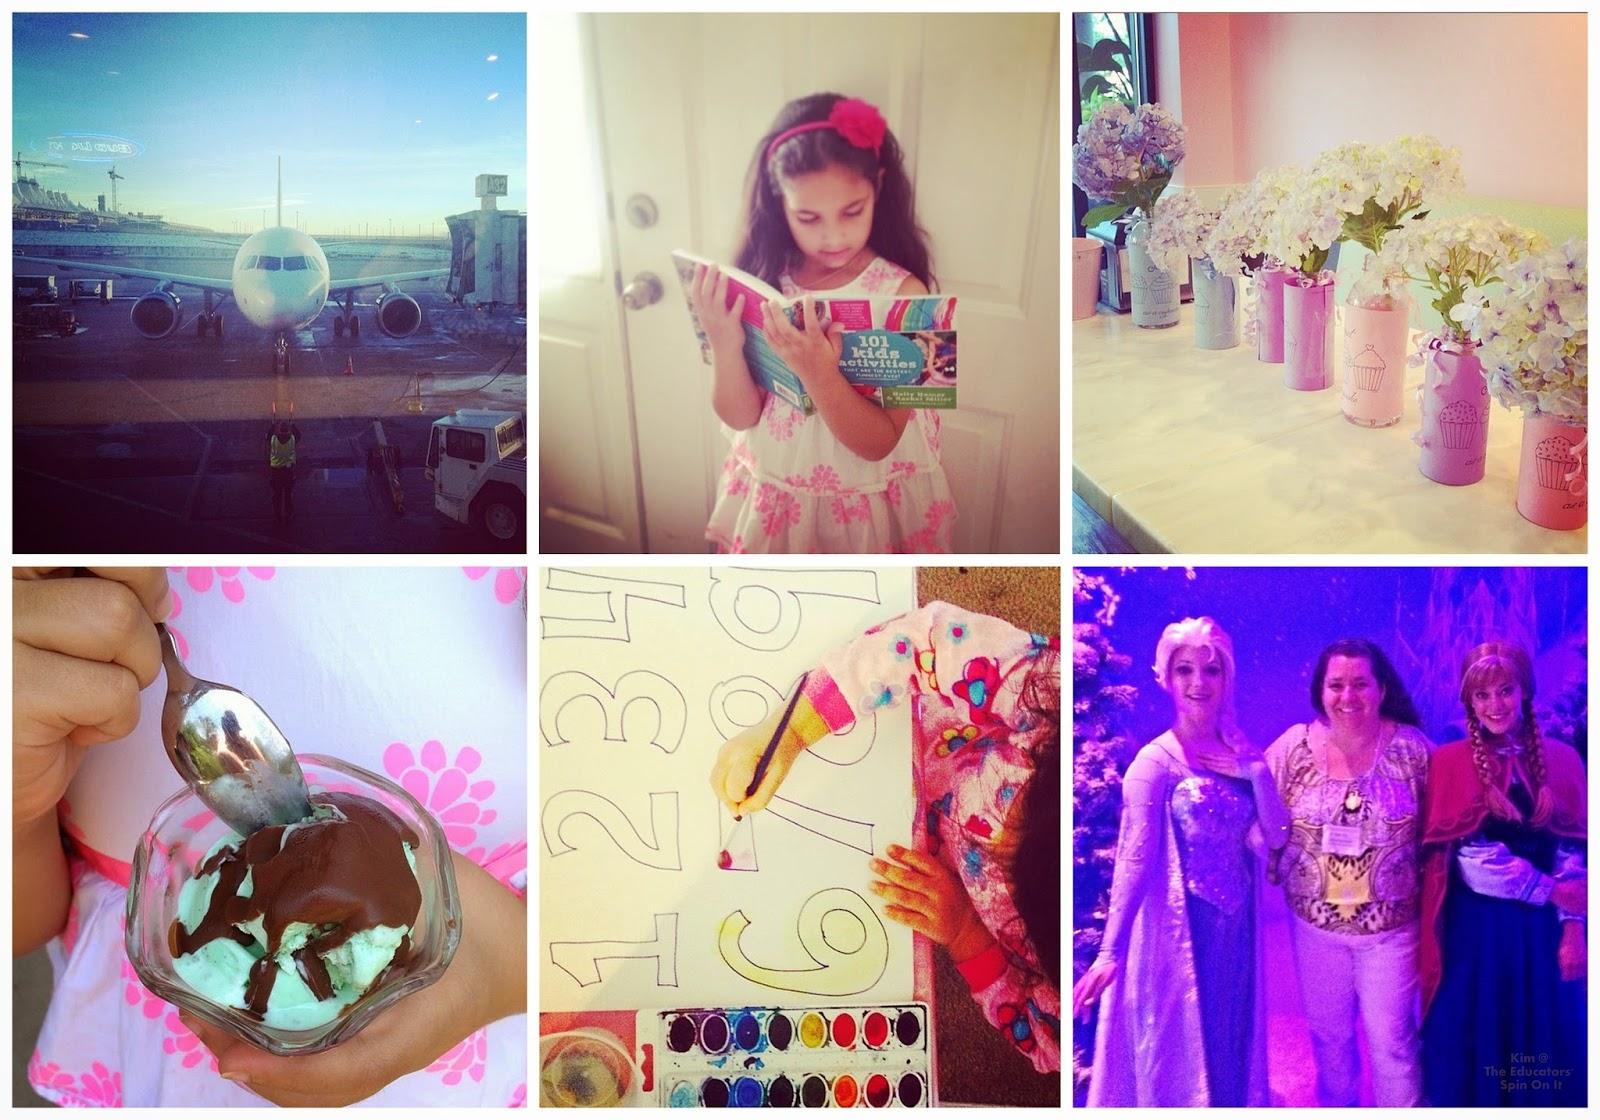 Join Kim Vij on Instagram with #momsoninstagram